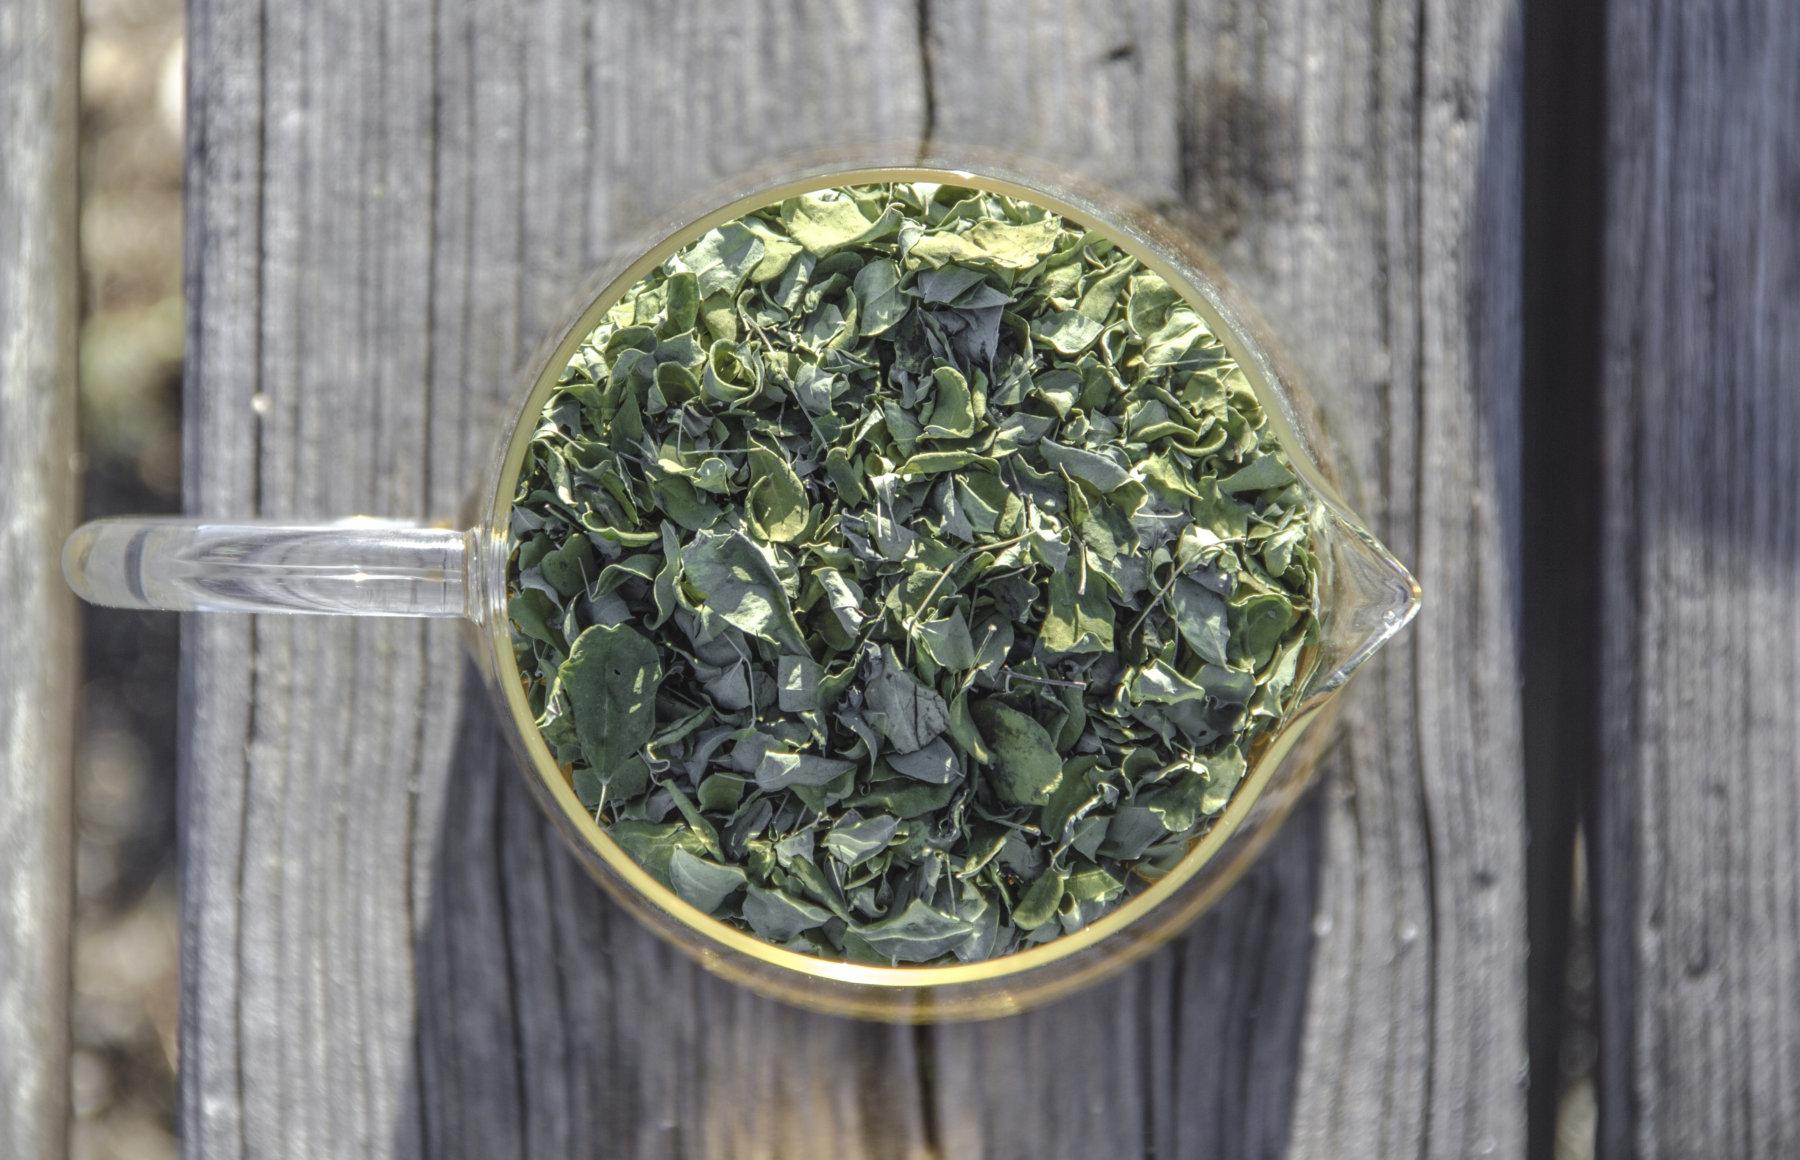 Las hojas de Moringa son una excelente fuente de proteína vegetal completa y biodisponible.